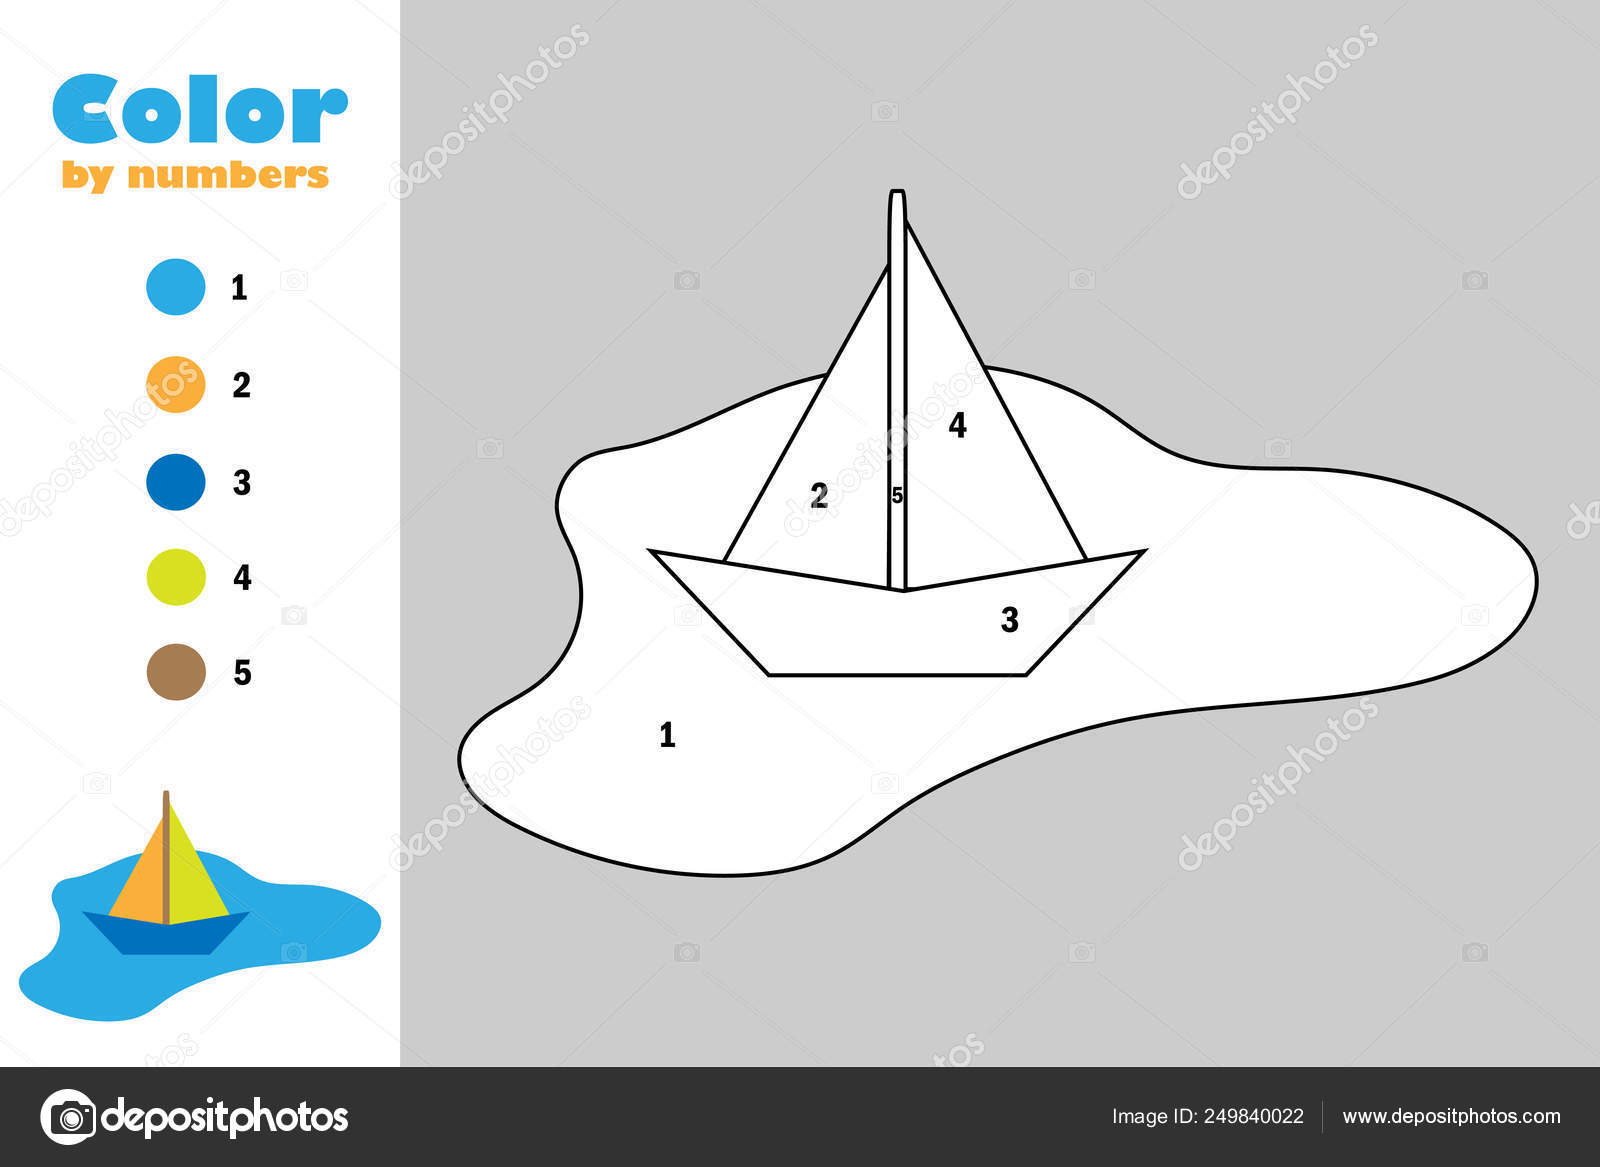 красочные бумажный кораблик в лужу в мультяшном стиле цвет